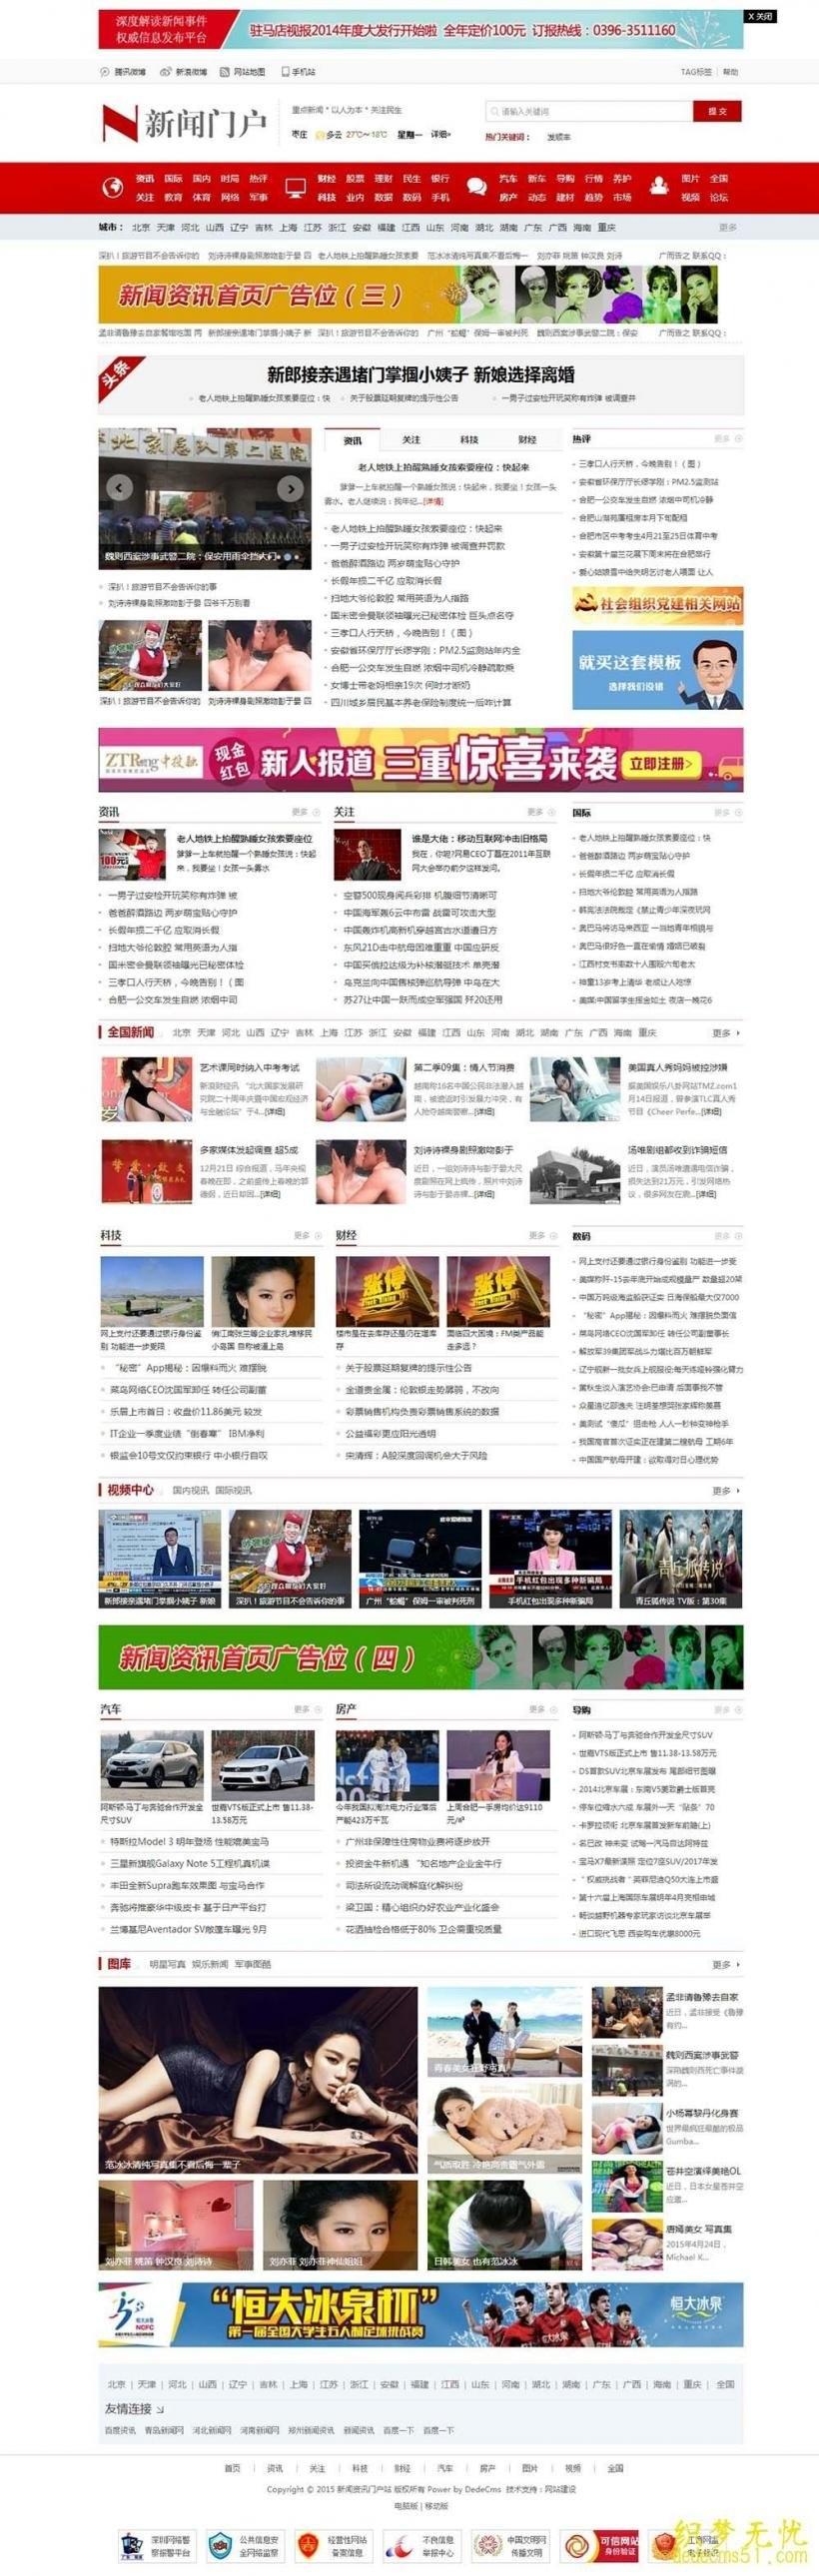 【织梦门户模板】2020.07更新门户型资讯新闻站博客资讯类DEDECMS网站源码自适应手机